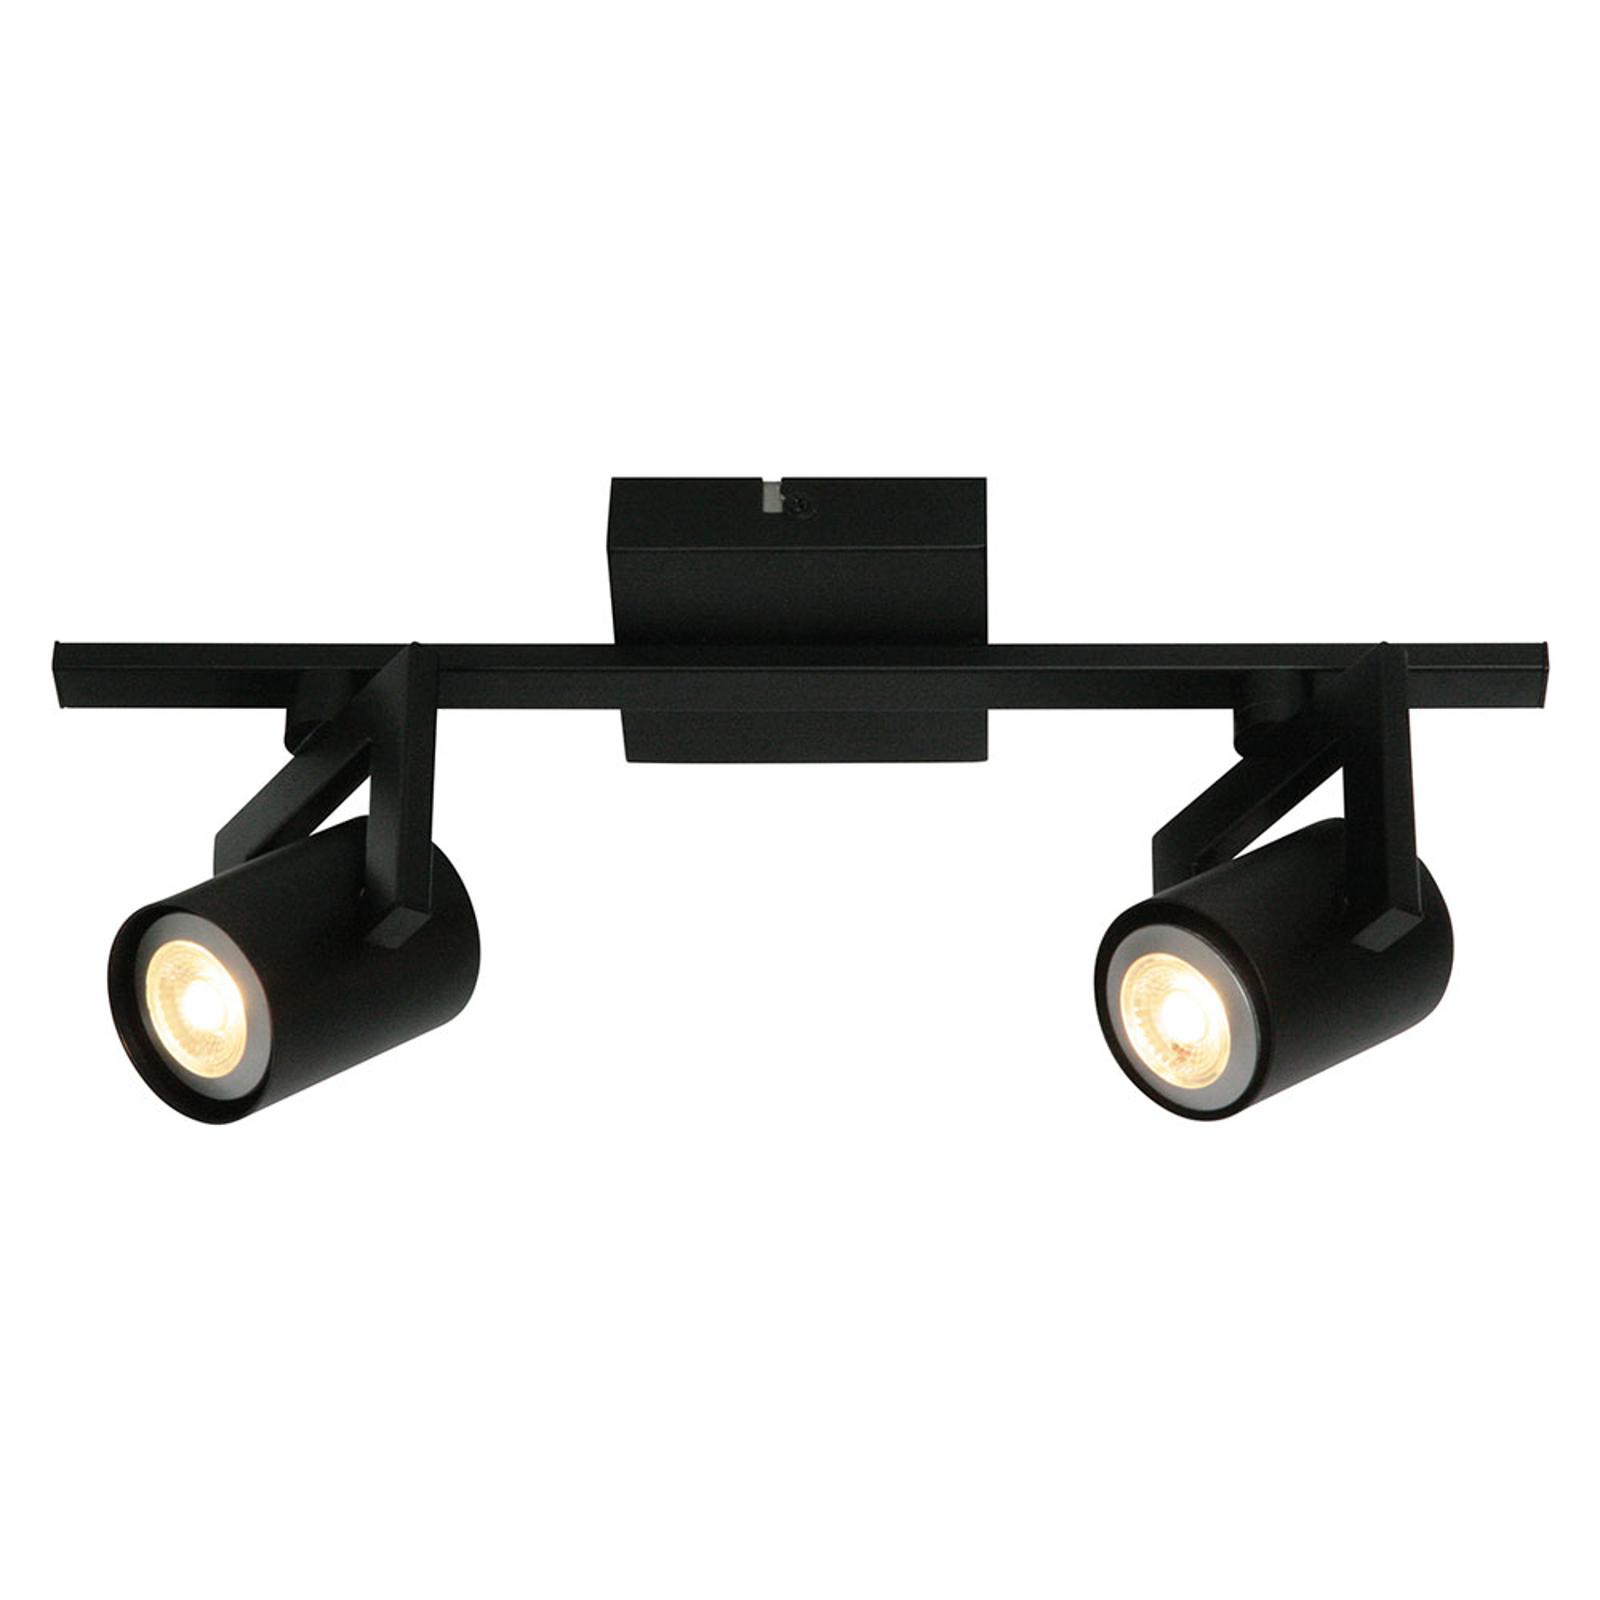 Freelight Moderní stropní světlo ValvoLED, černá, 2 zdroj